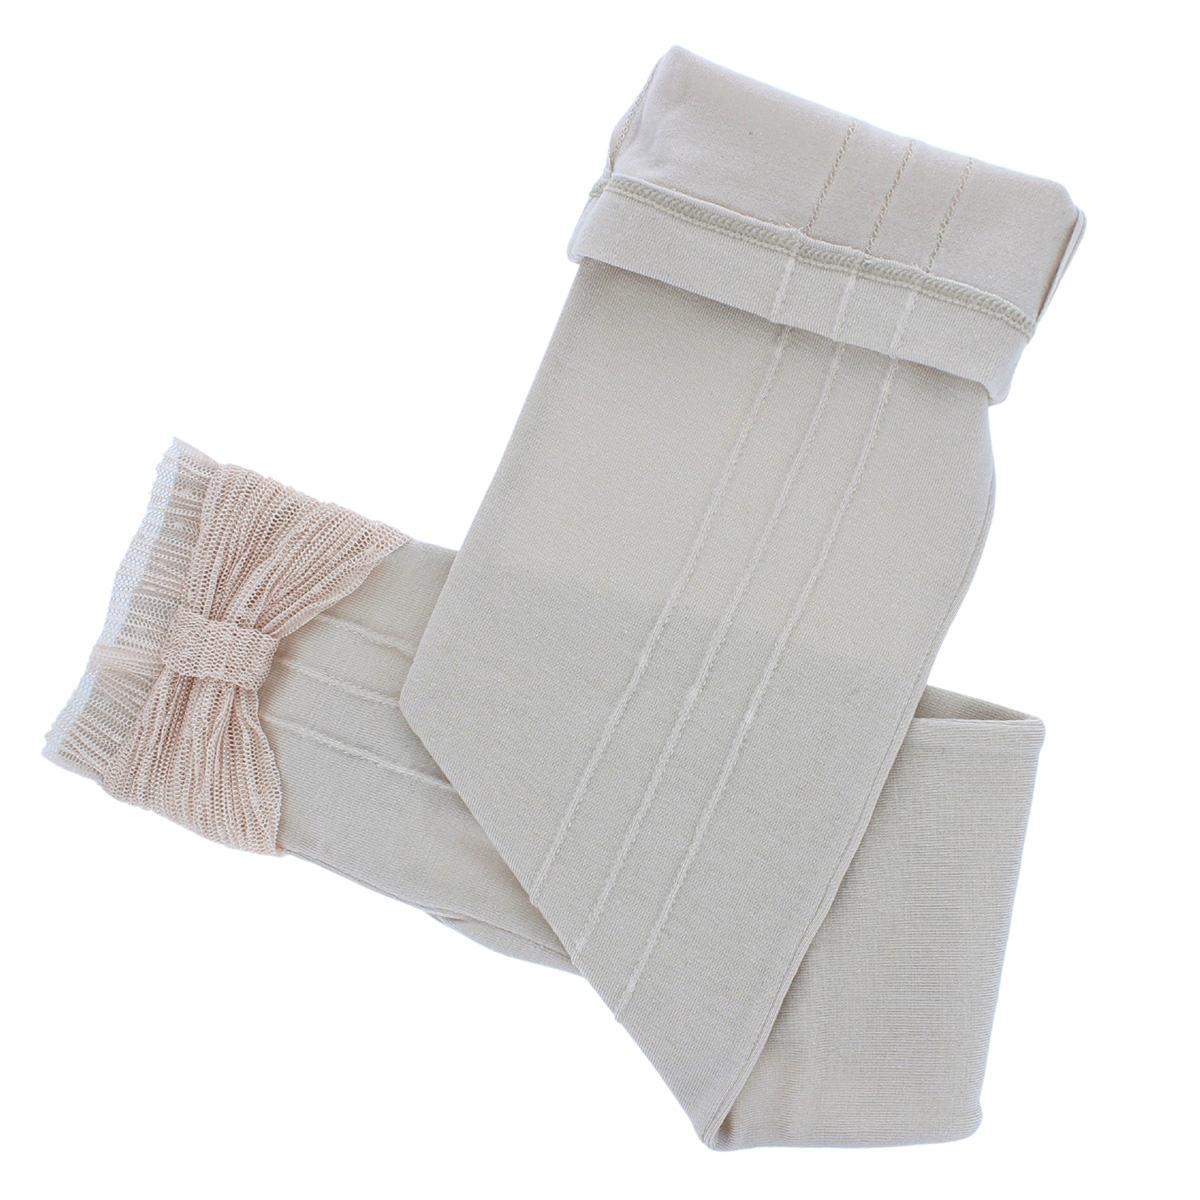 アルタクラッセ UV手袋 UVカット 紫外線対策 ロング丈 56cm 接触冷感 ひんやり 抗菌 柚子抗菌 ストレッチ 保湿 スマホ タッチパネル対応 リボン プレゼント